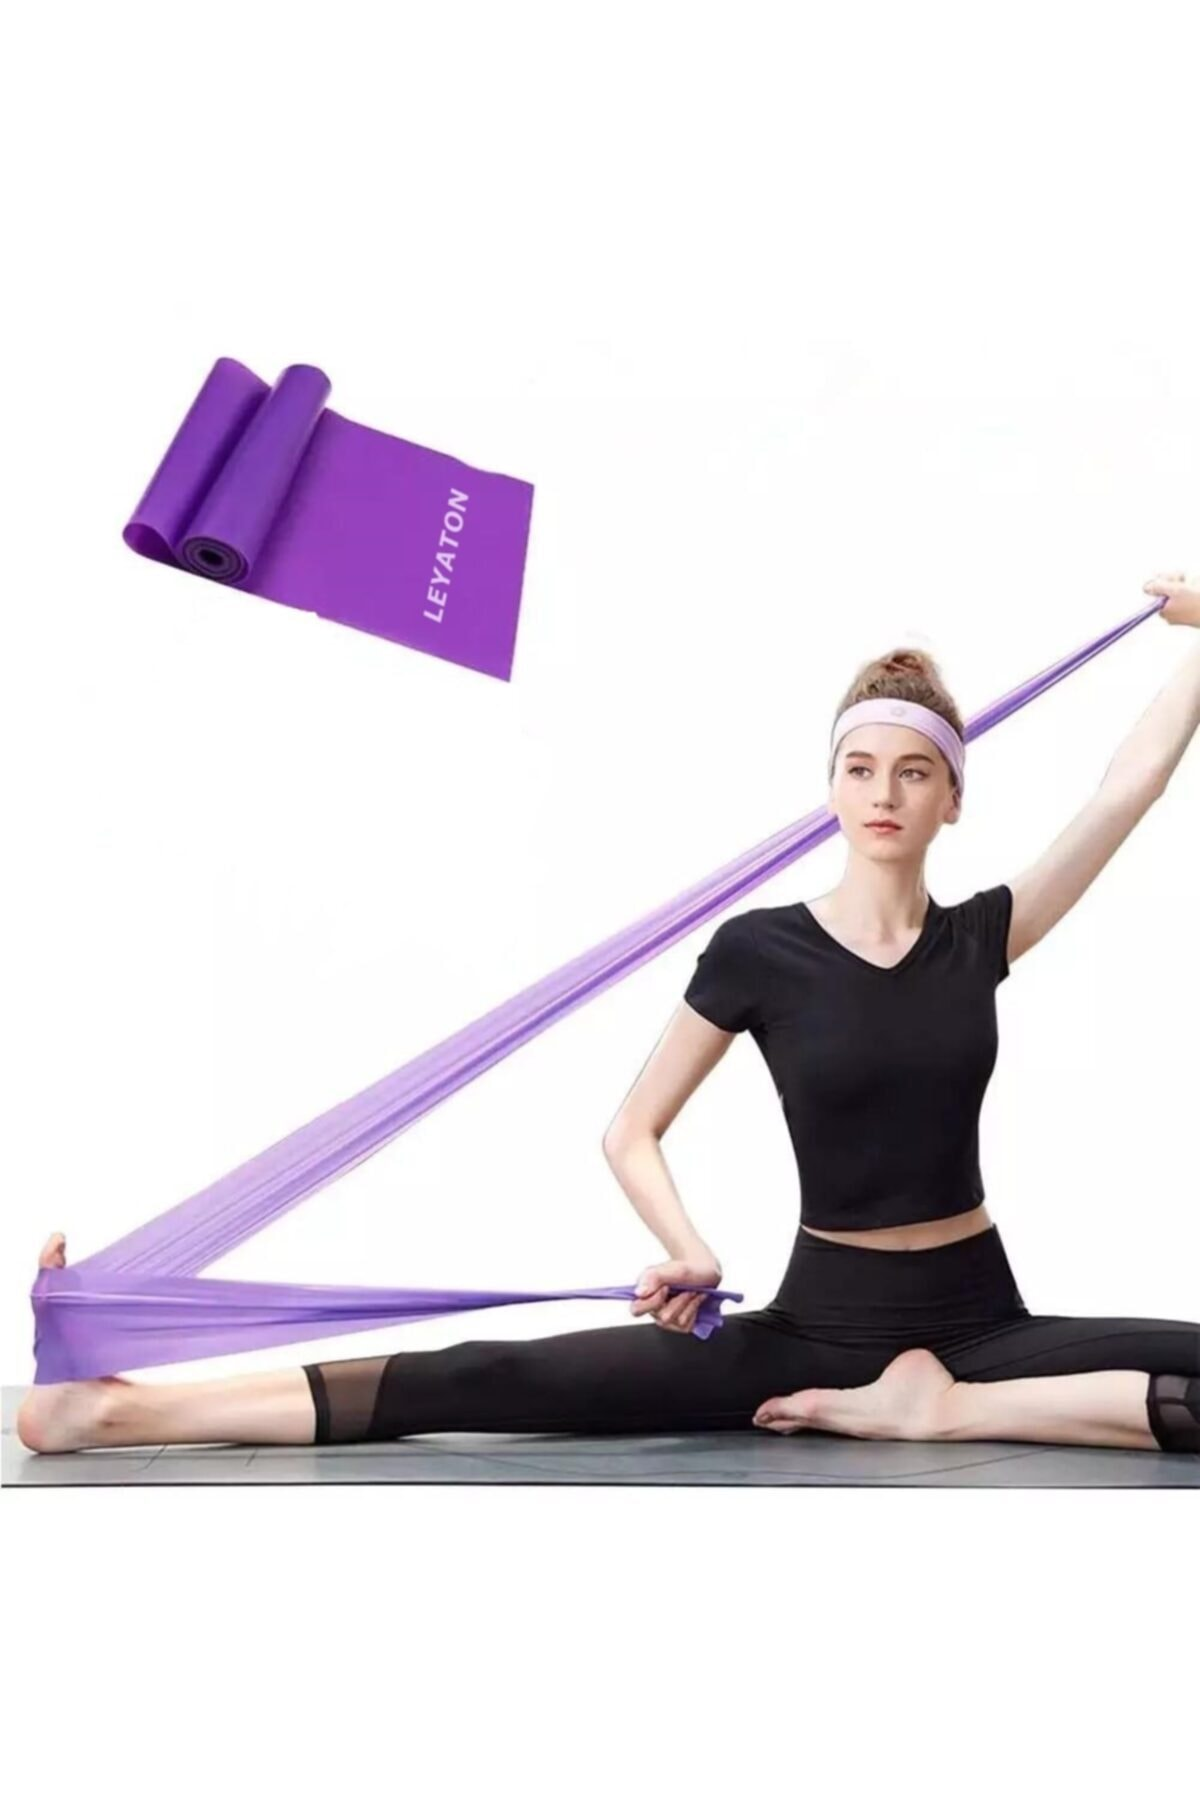 Leyaton Pilates Bandı Jimnastik Plates Lastiği 150x15 cm Egzersiz Aerobik Bant 1 Adet Mor 2